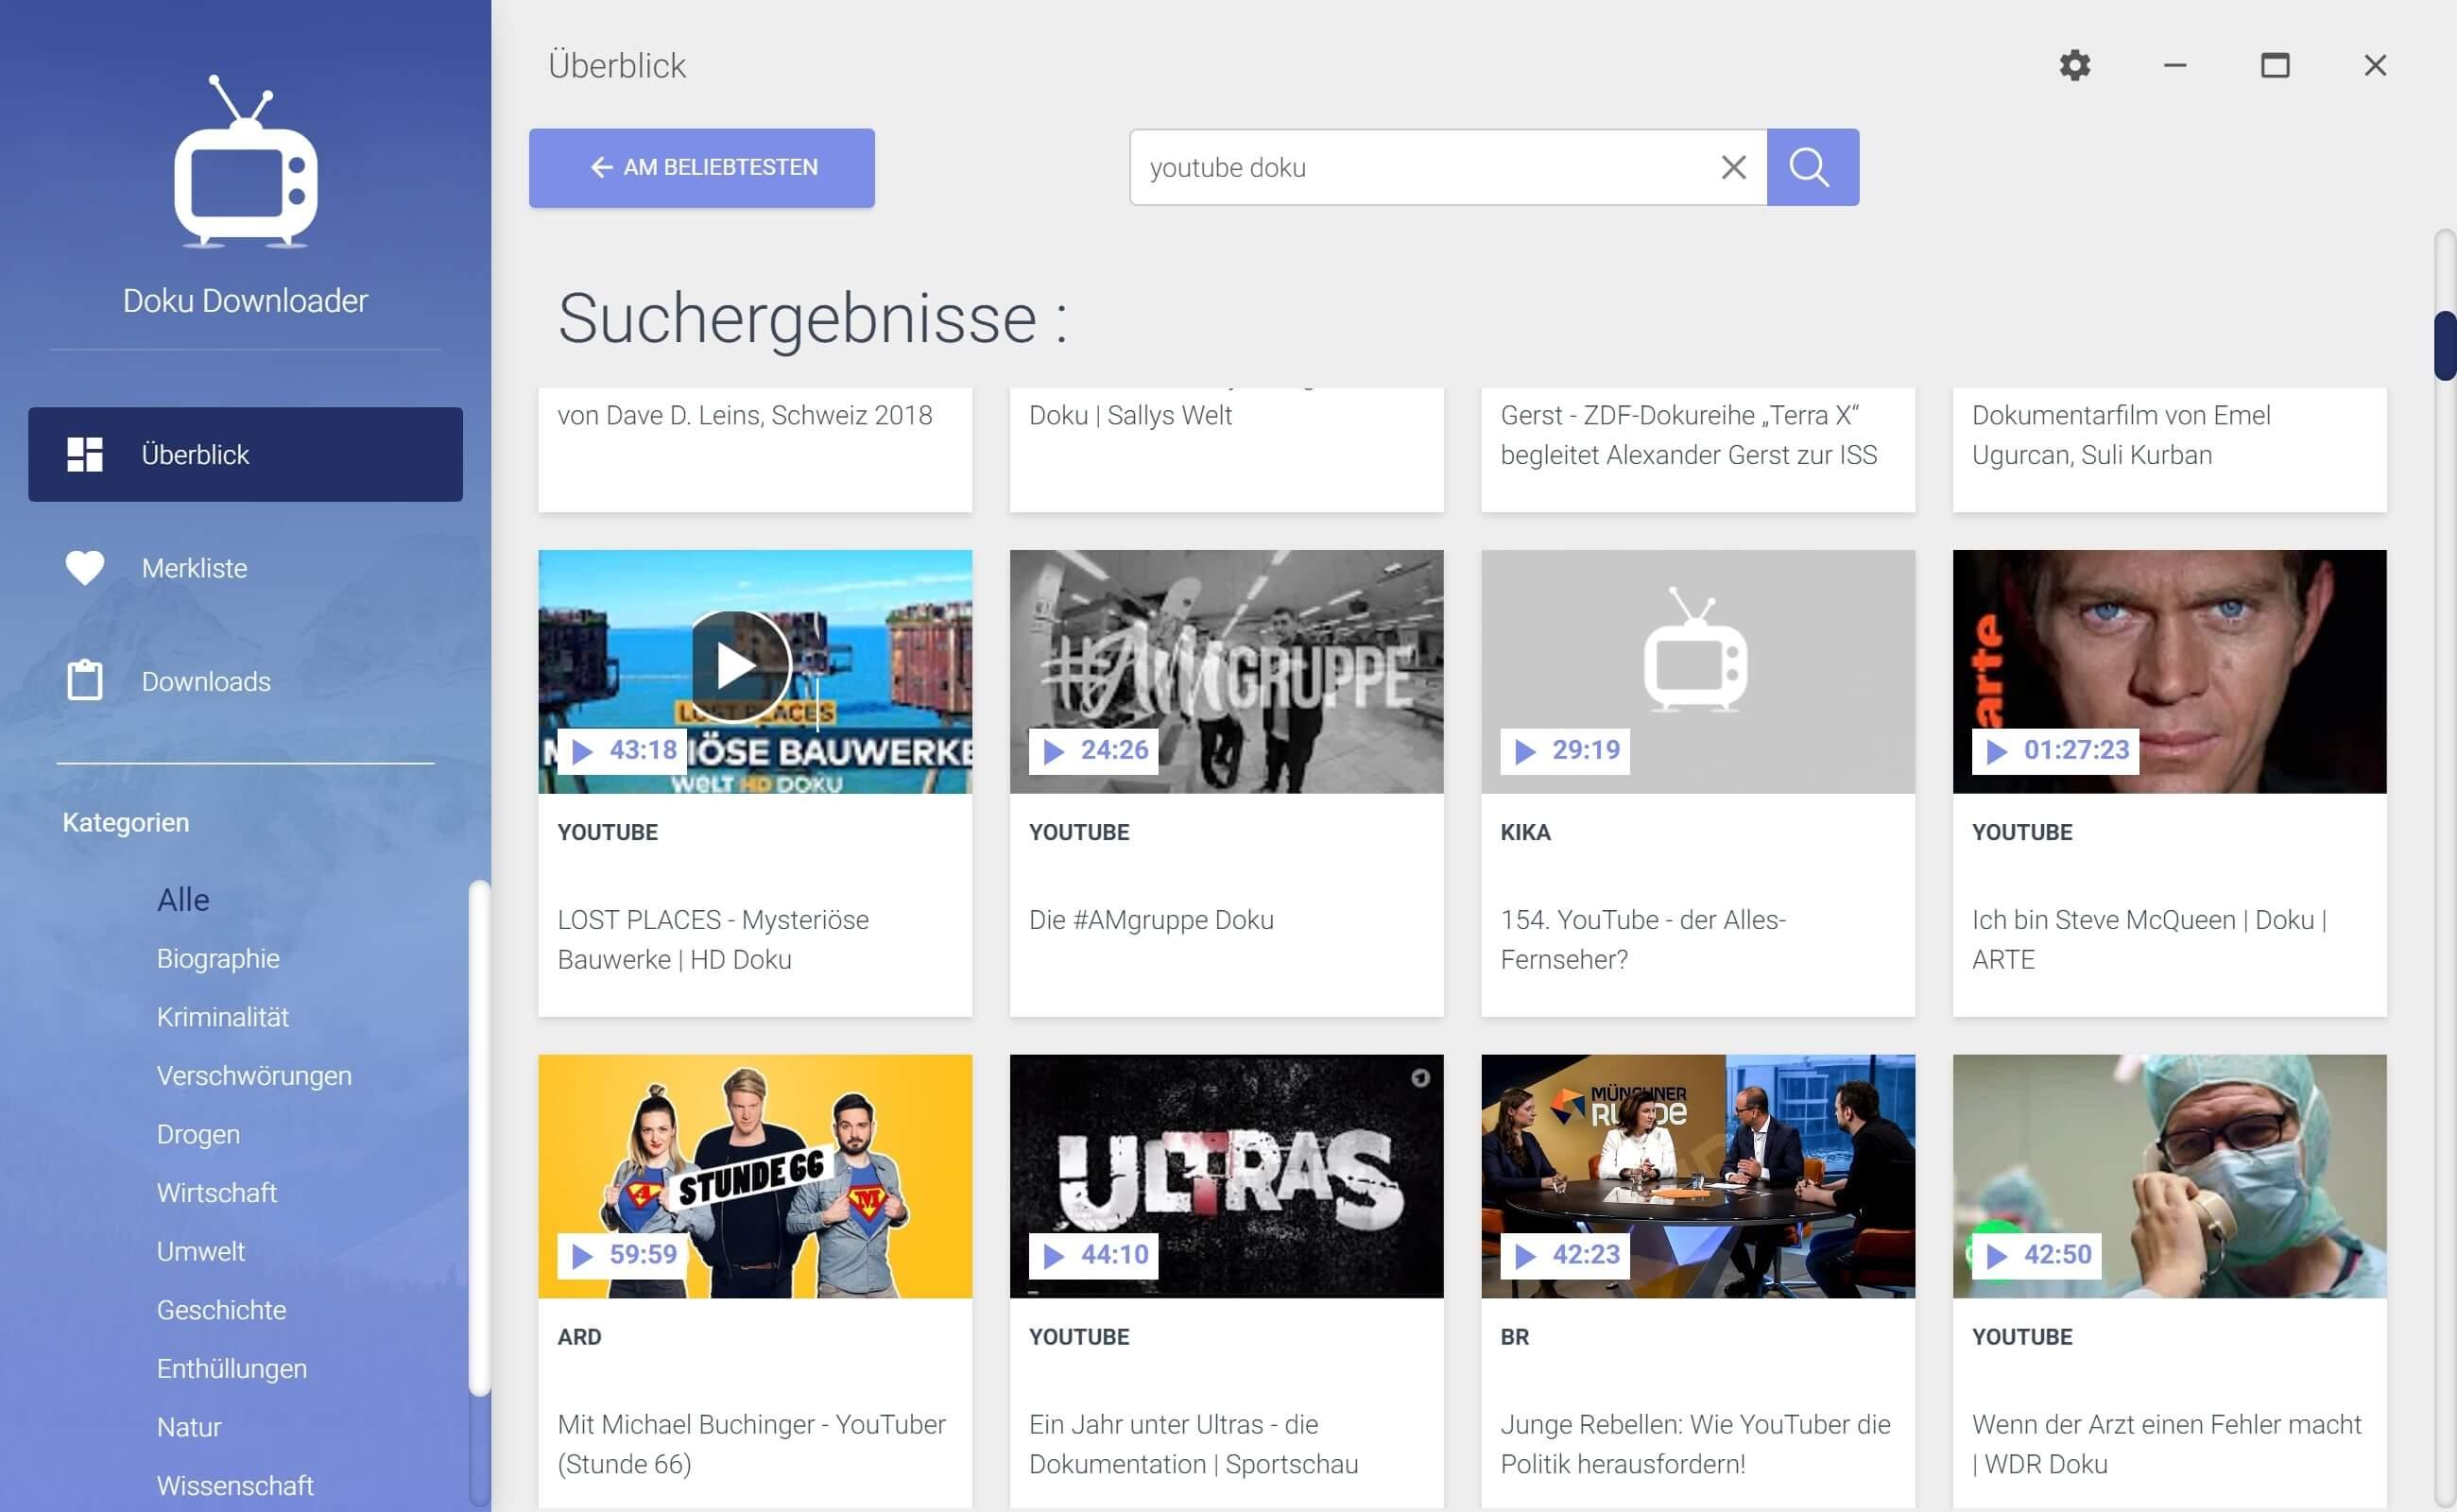 Youtube Dokumentationen herunterladen - Doku auswählen